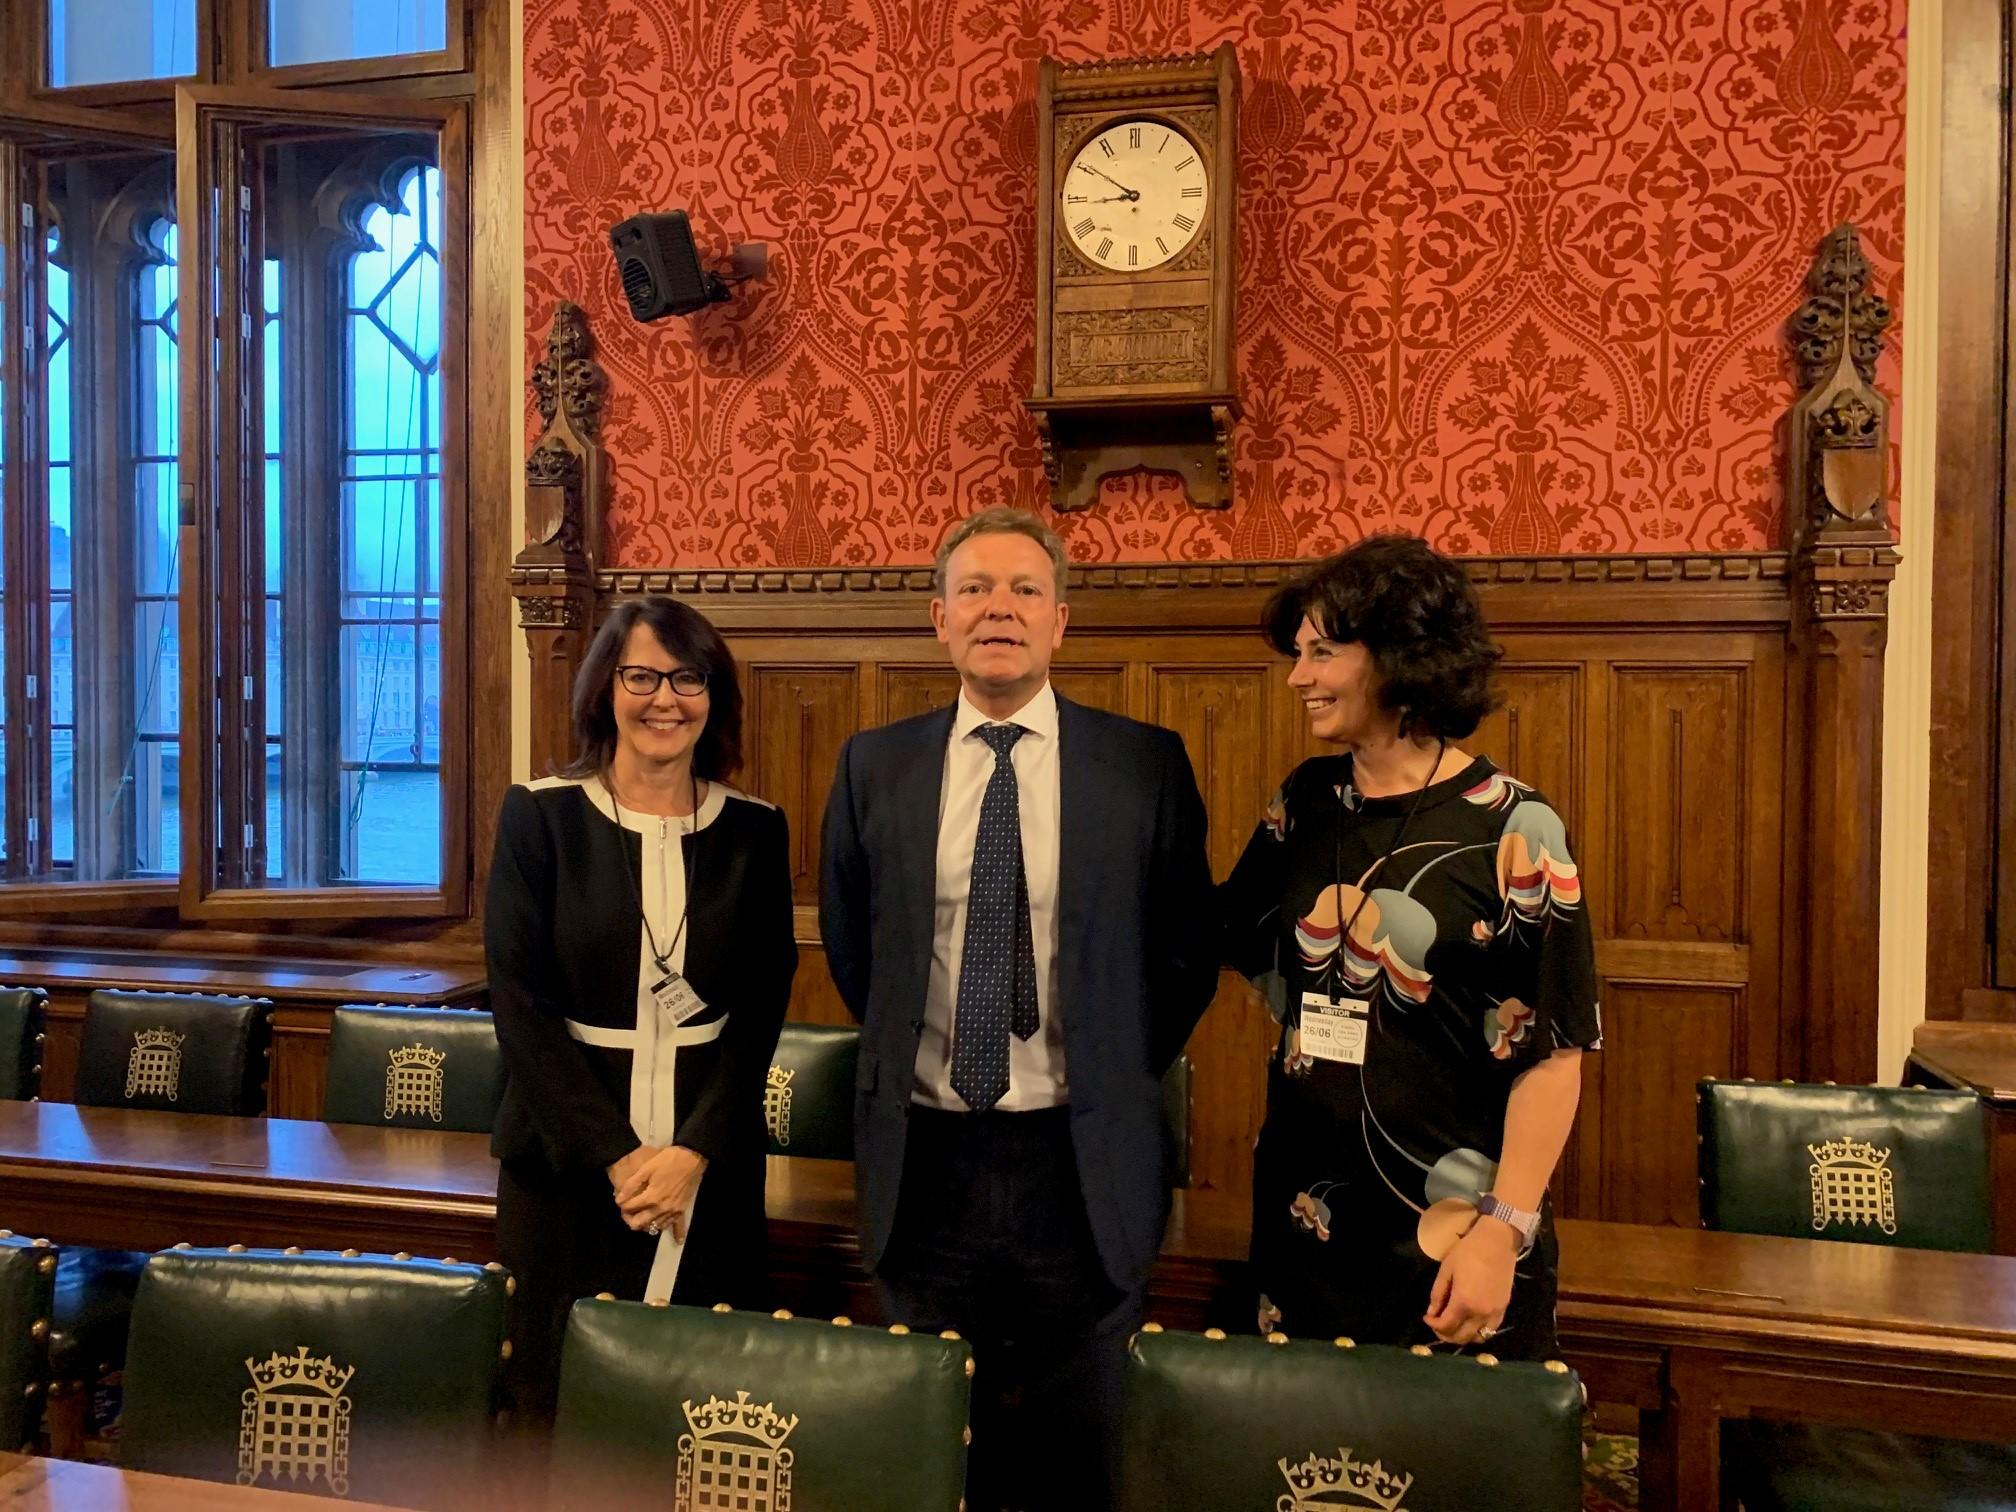 Jaime Vinck, Craig Mackinlay MP and Dr Di Forti